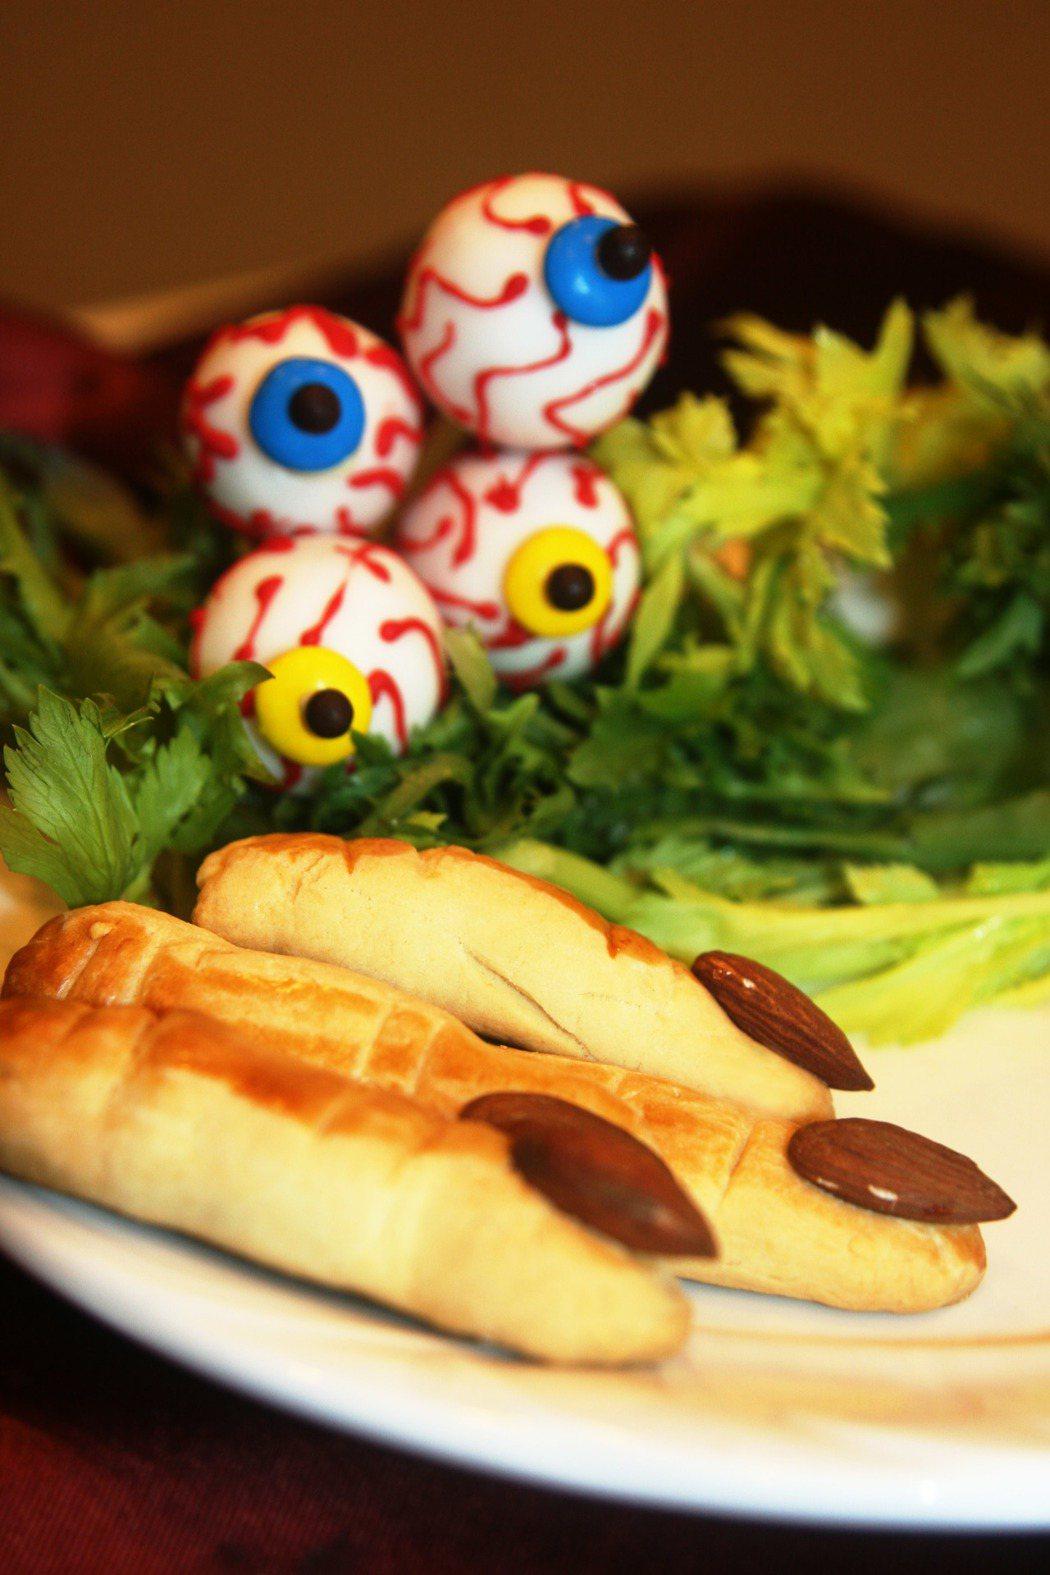 高雄國賓飯店萬聖節搞怪甜點-手指餅乾及眼球巧克力。 高雄國賓飯店/提供